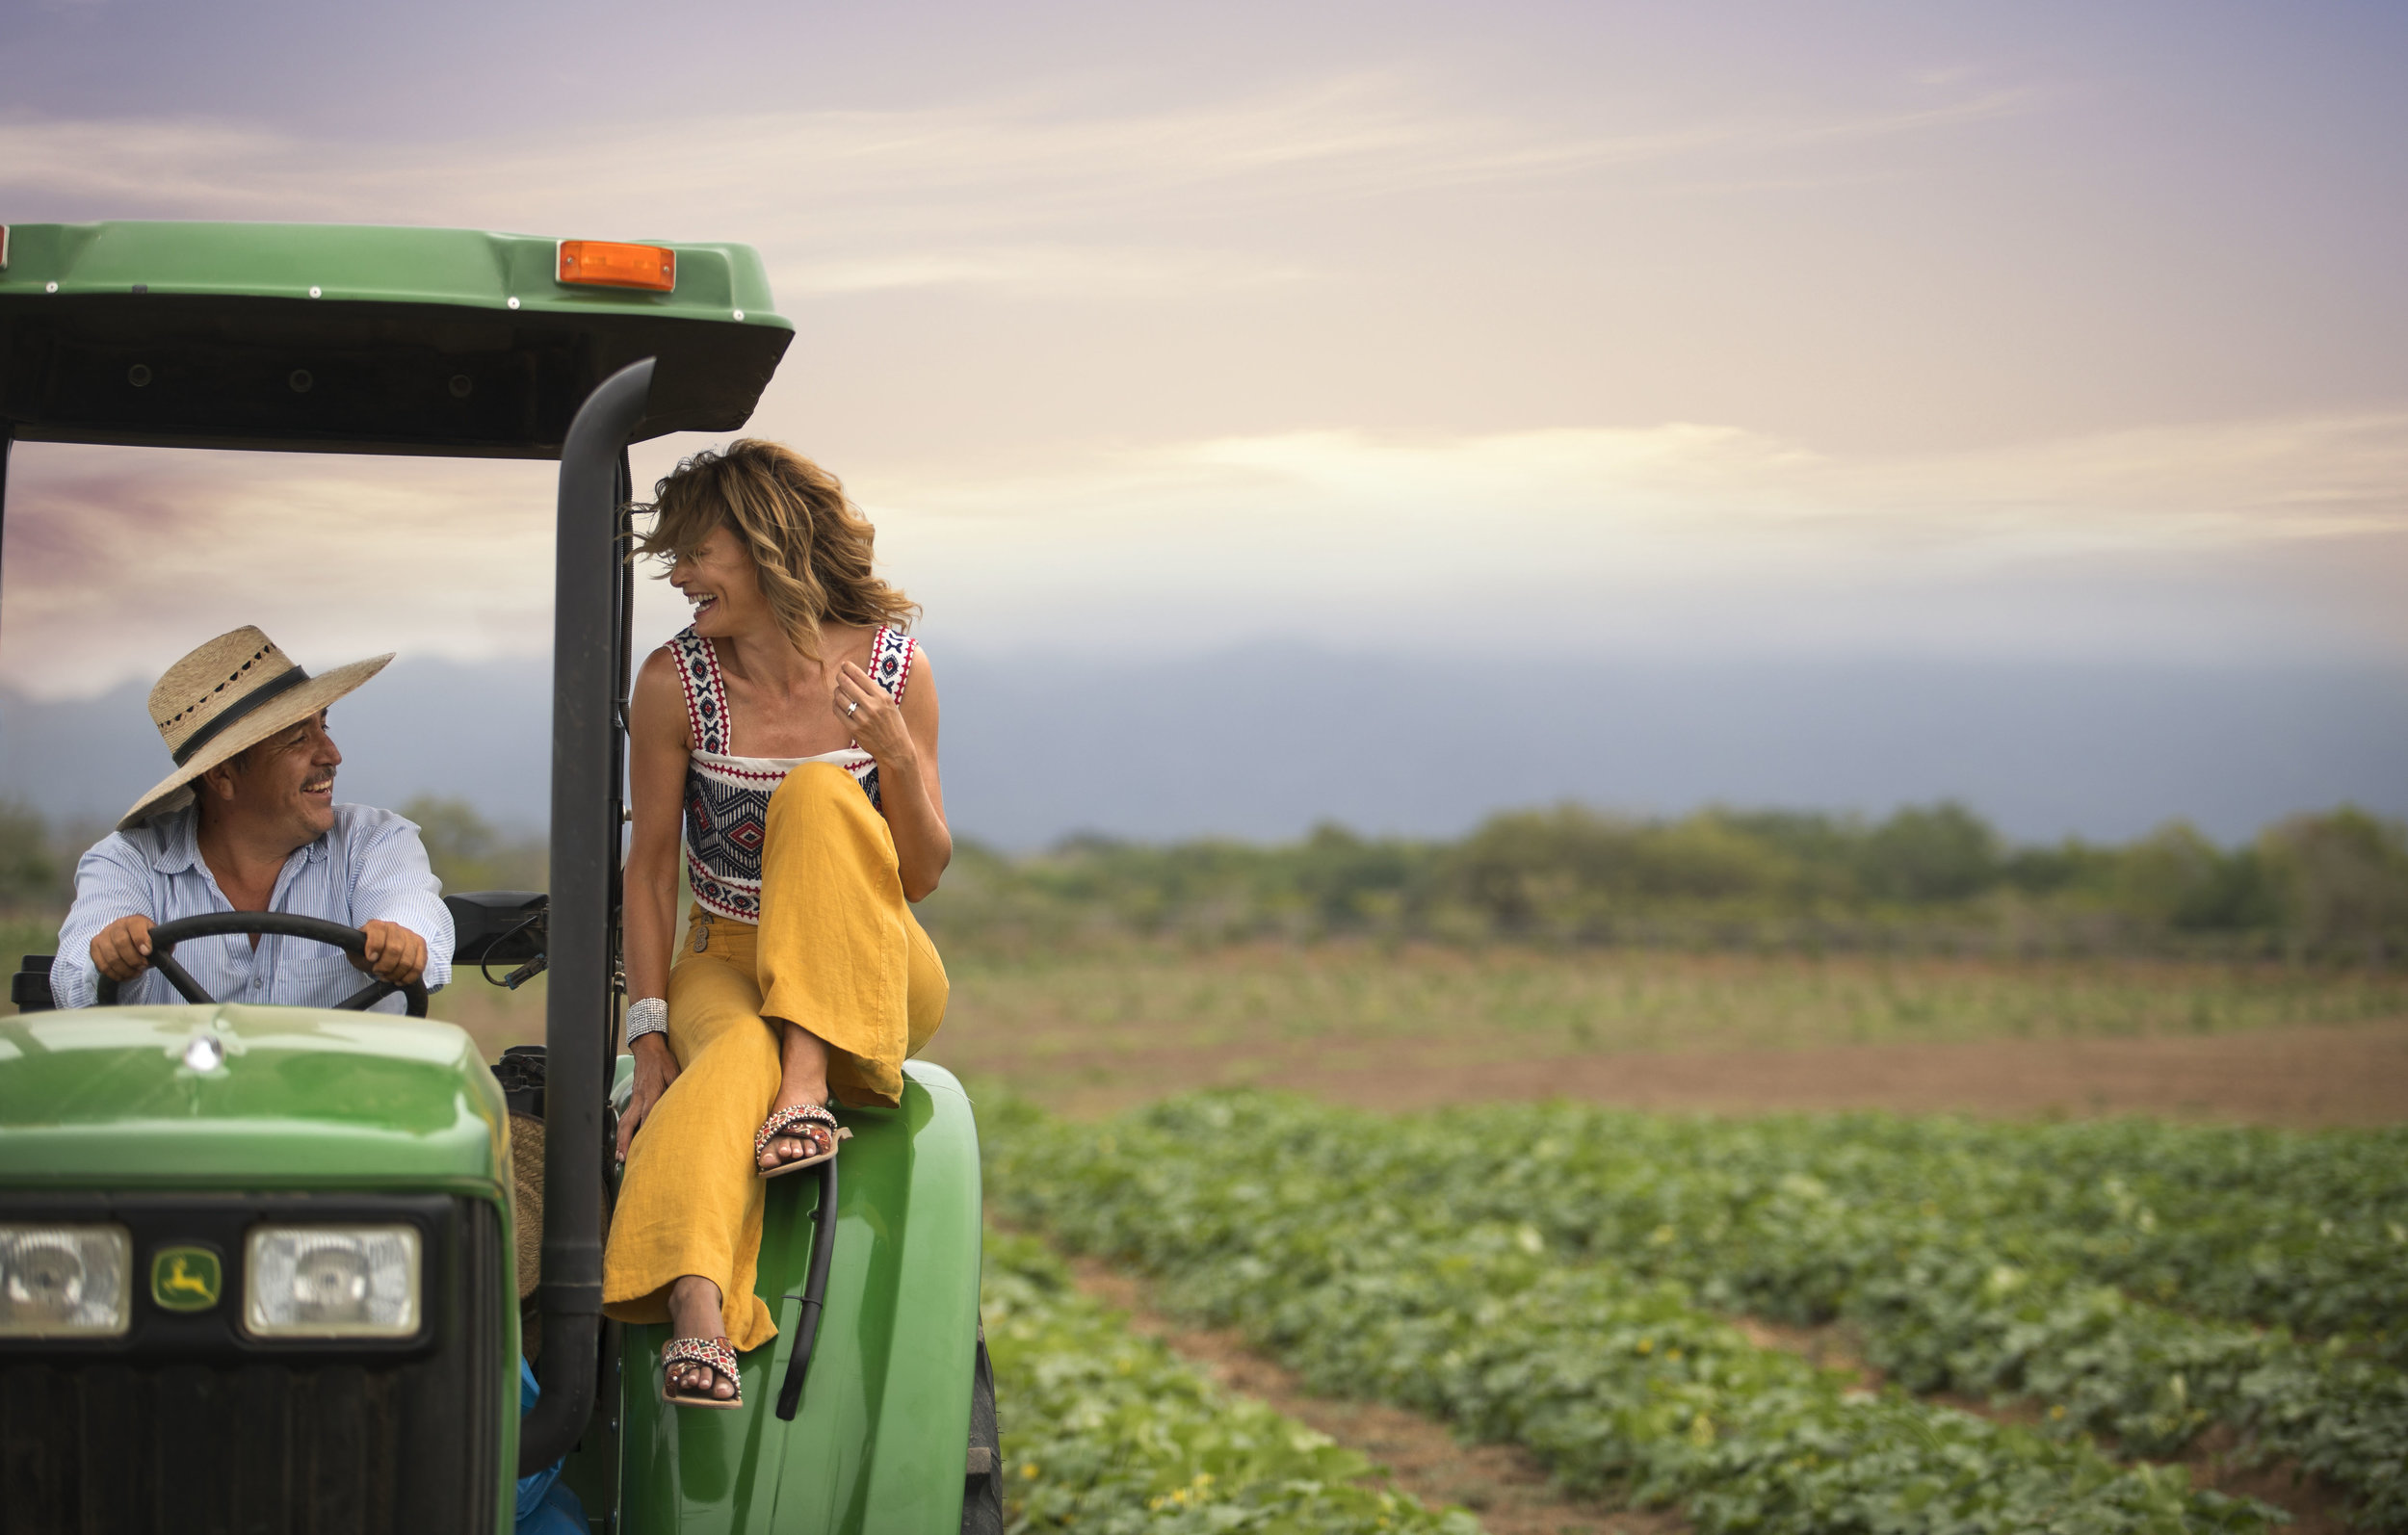 VID_NV_LaHuerta_TractorRide.jpg